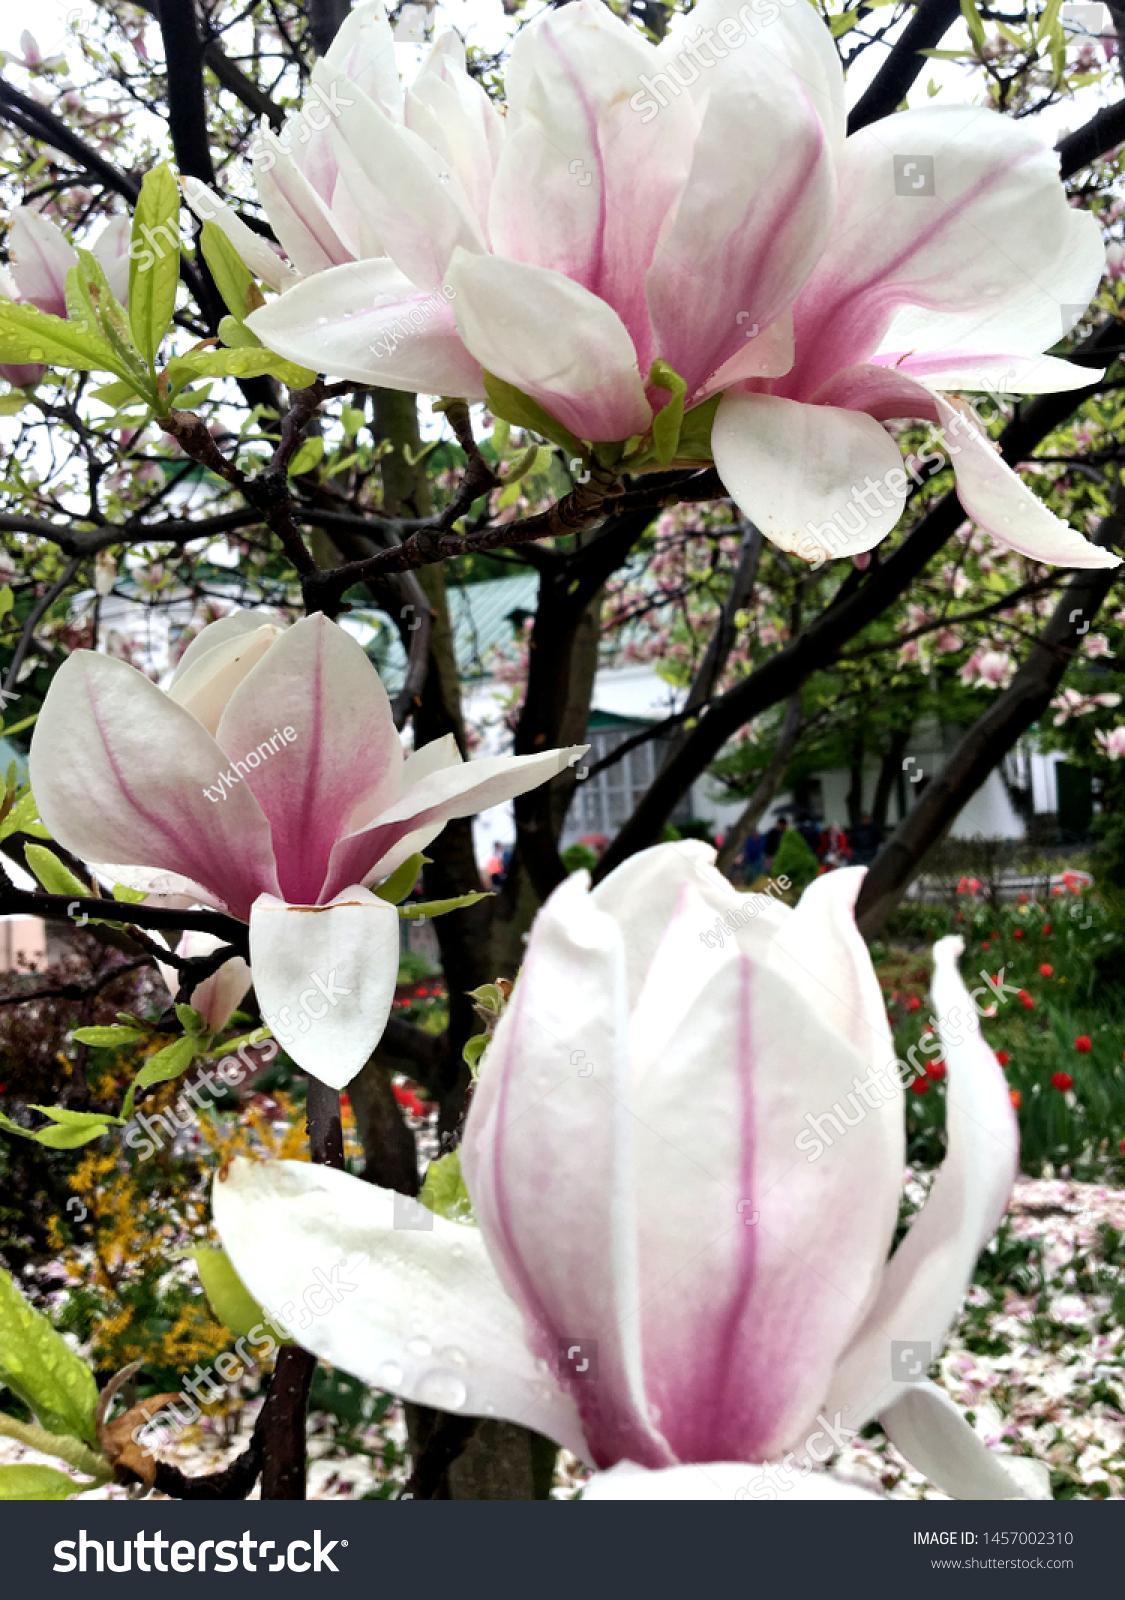 stock-photo-white-pink-magnolia-blown-be